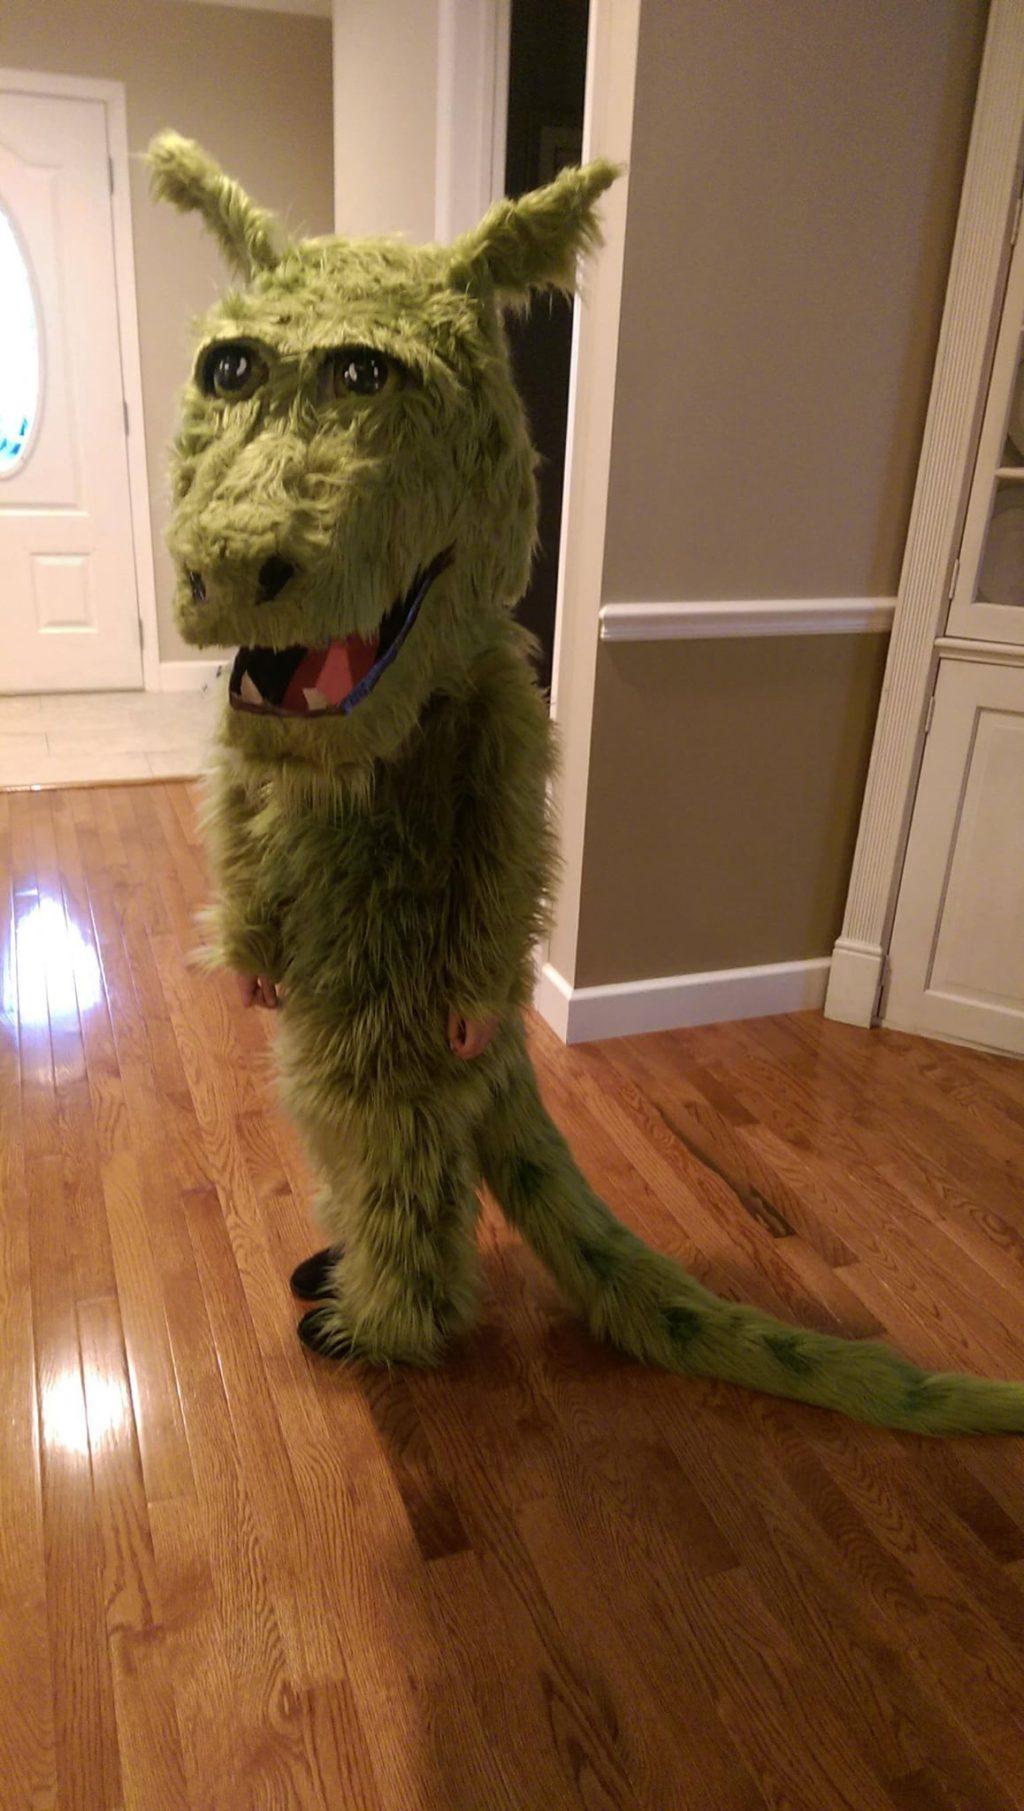 Pete's Furry Dragon friend